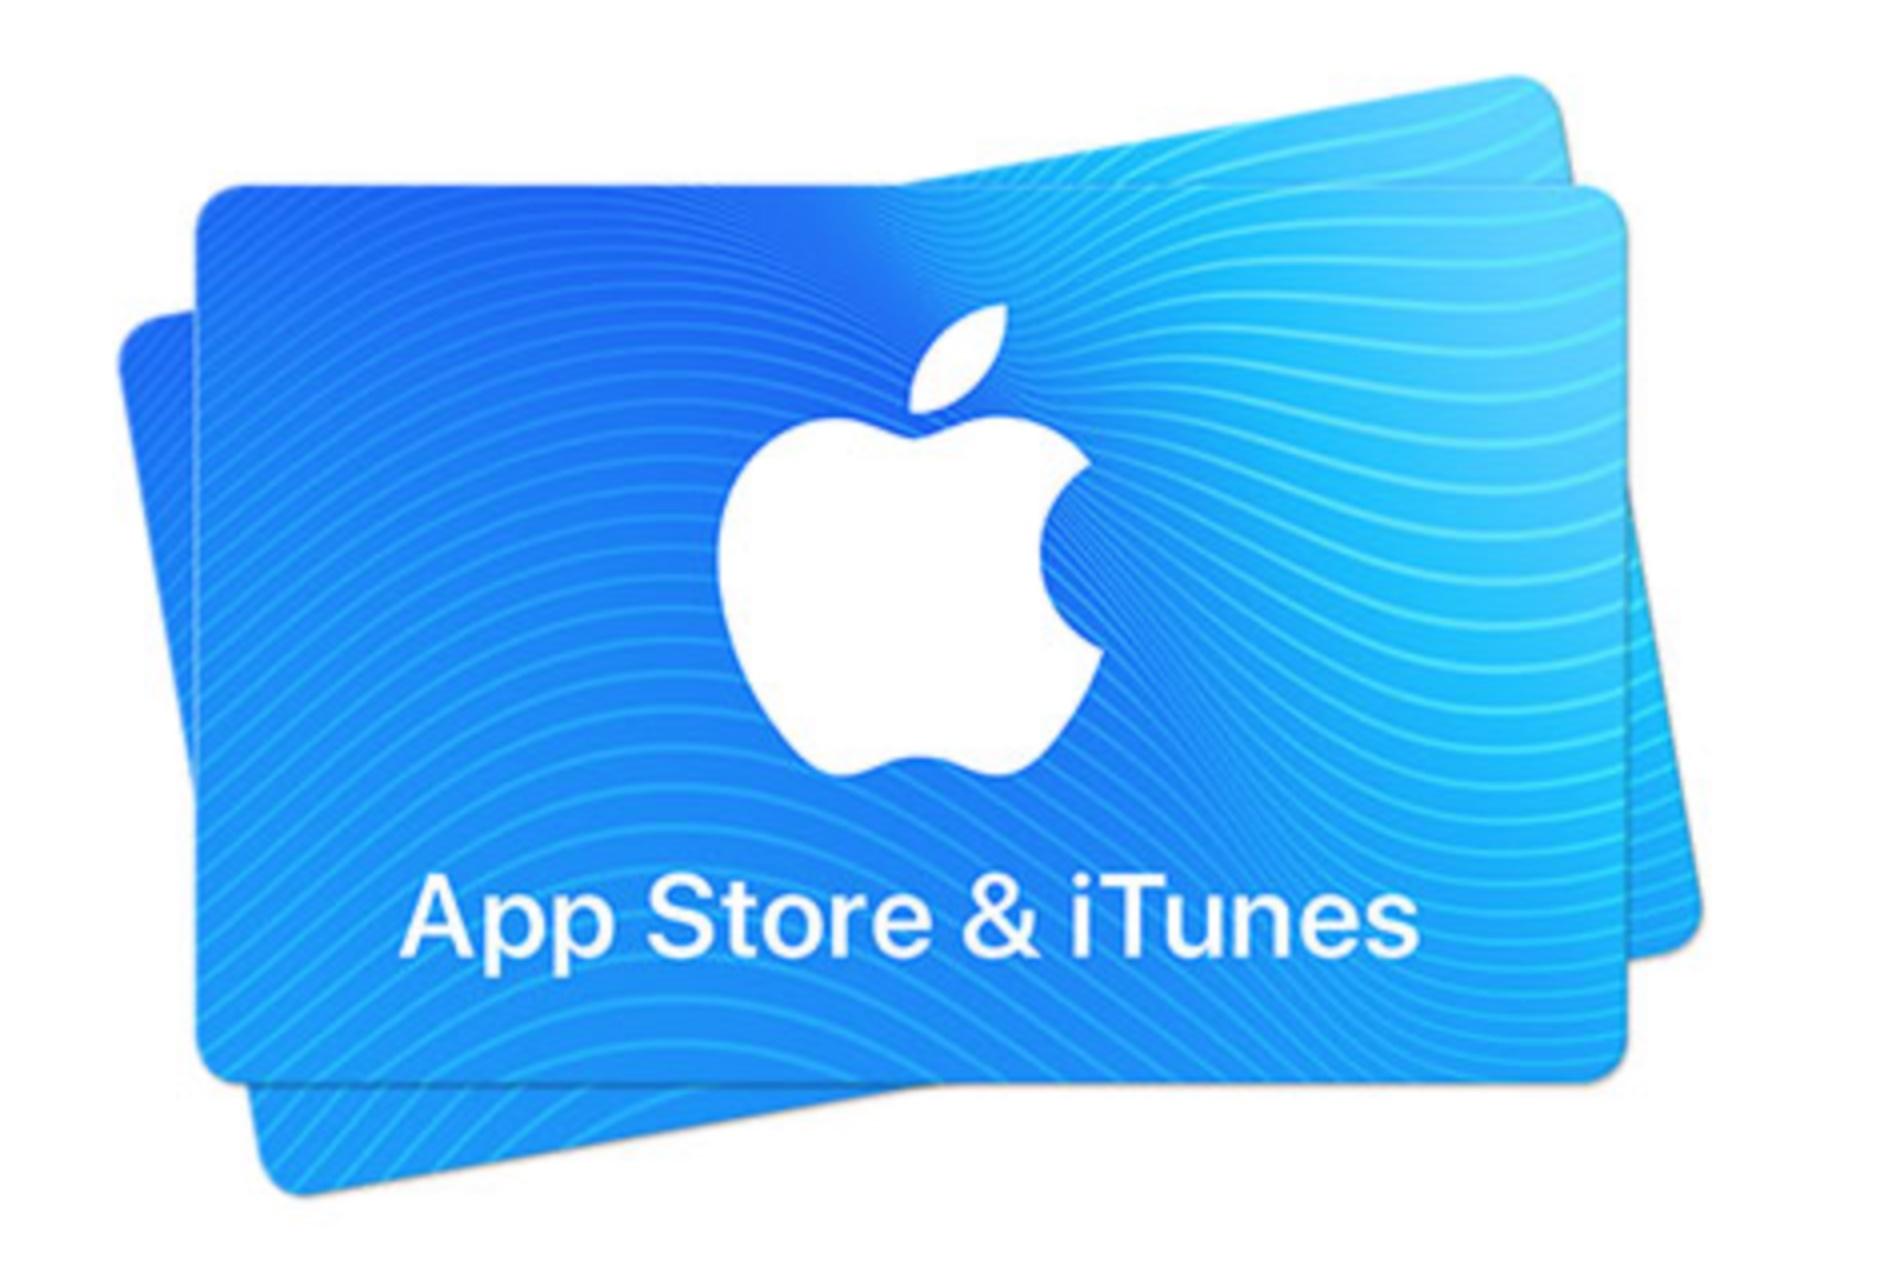 コンビニ各社、App Store & iTunes ギフトカード バリアブルで10%分のボーナスがもれなくもらえるキャンペーン実施中(〜2019年9月30日)